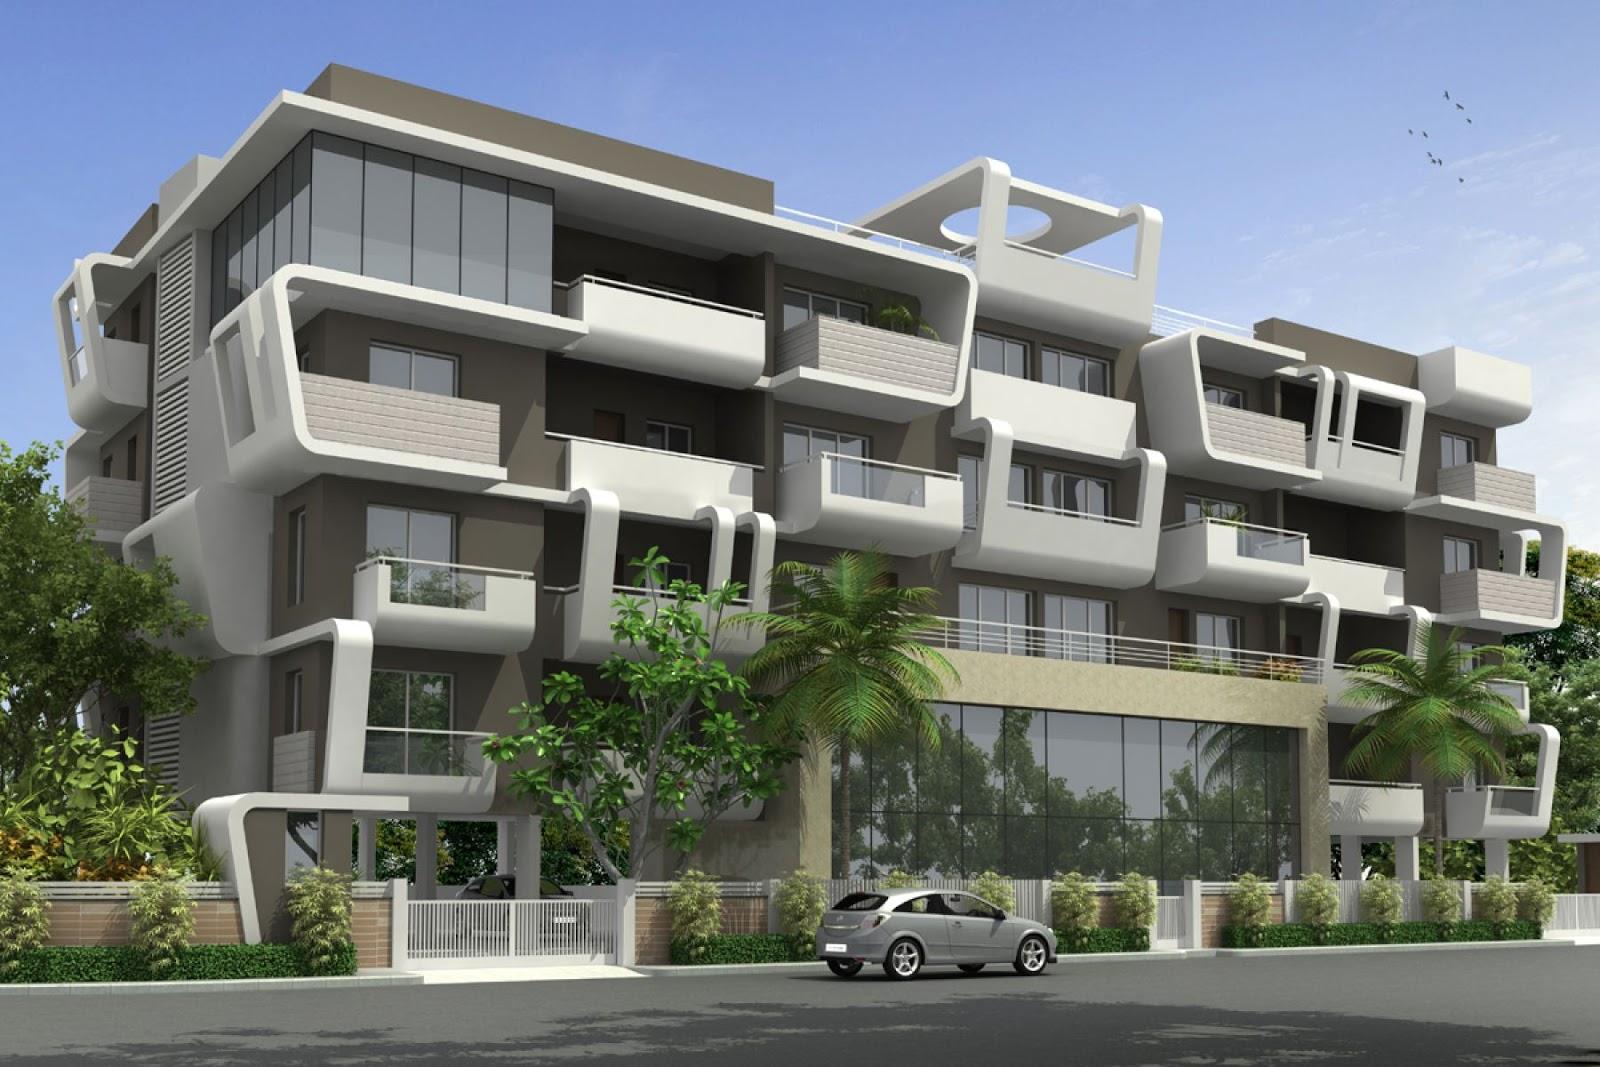 Ici Floor Plans 3d Apartments 3d Architecture Visualizations